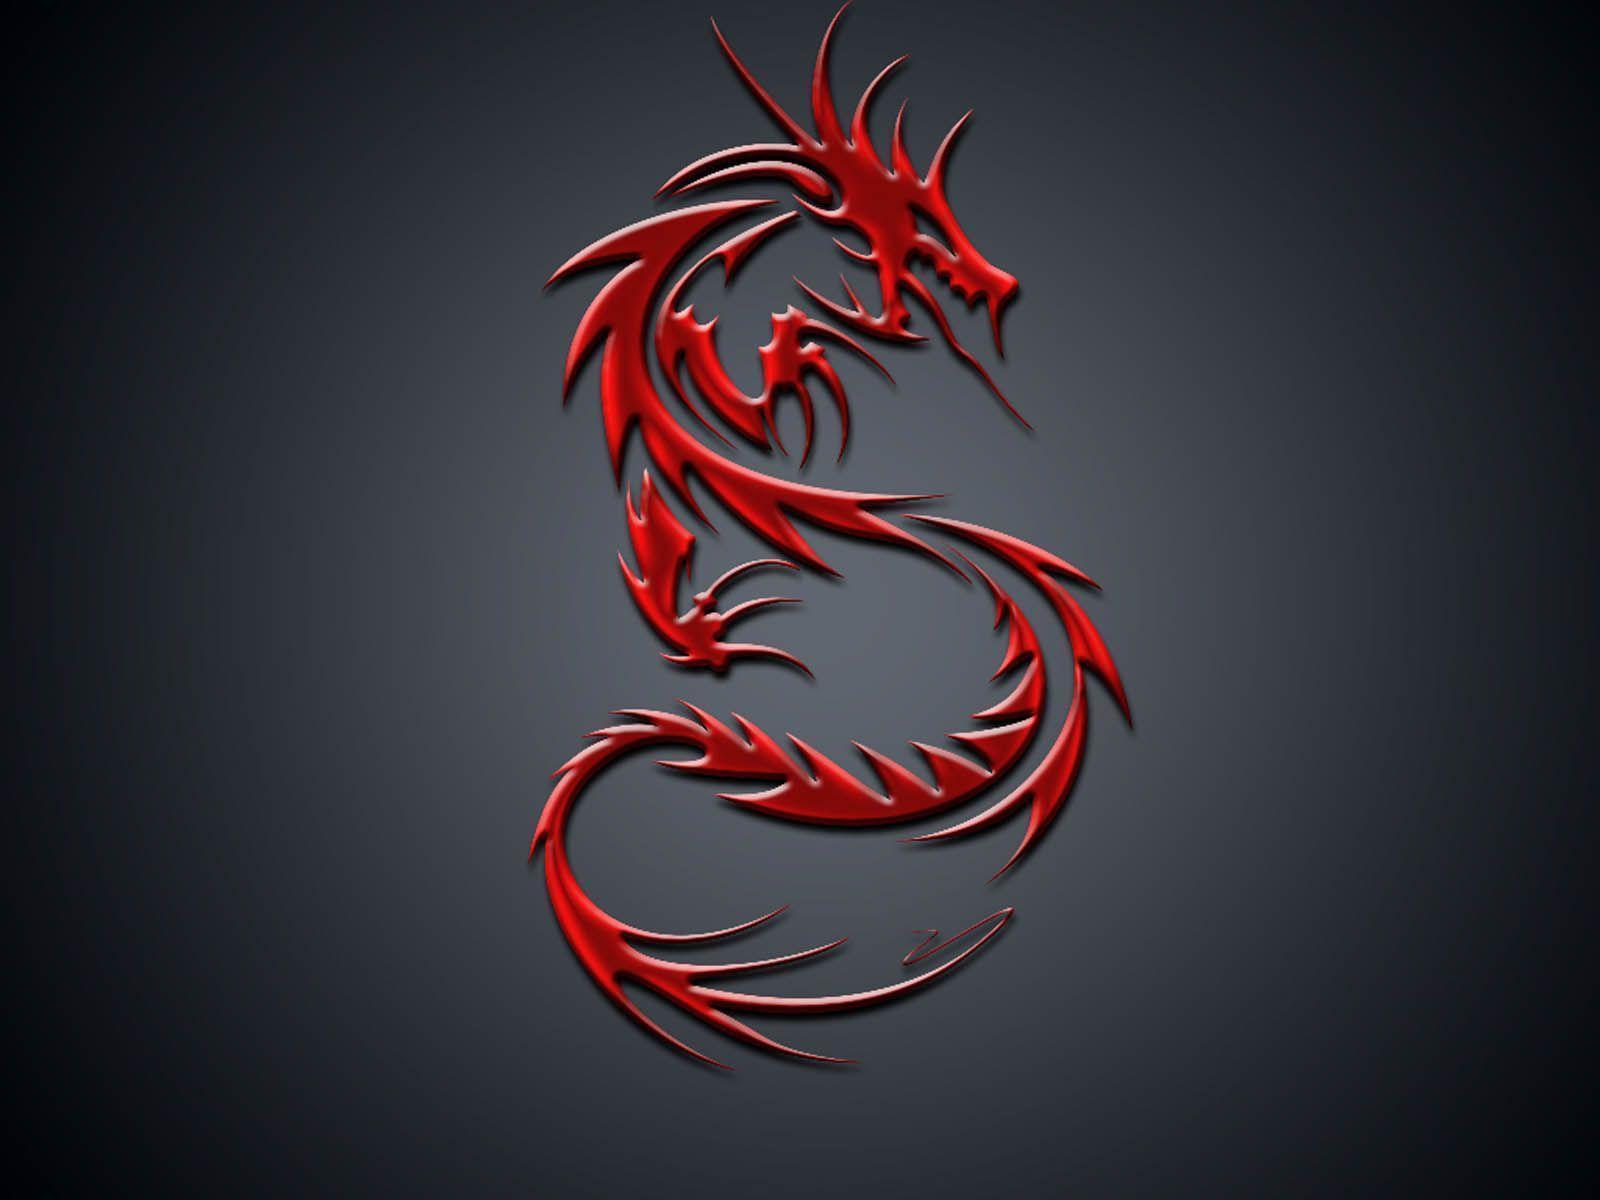 wallpaper mortal kombat dragon logo